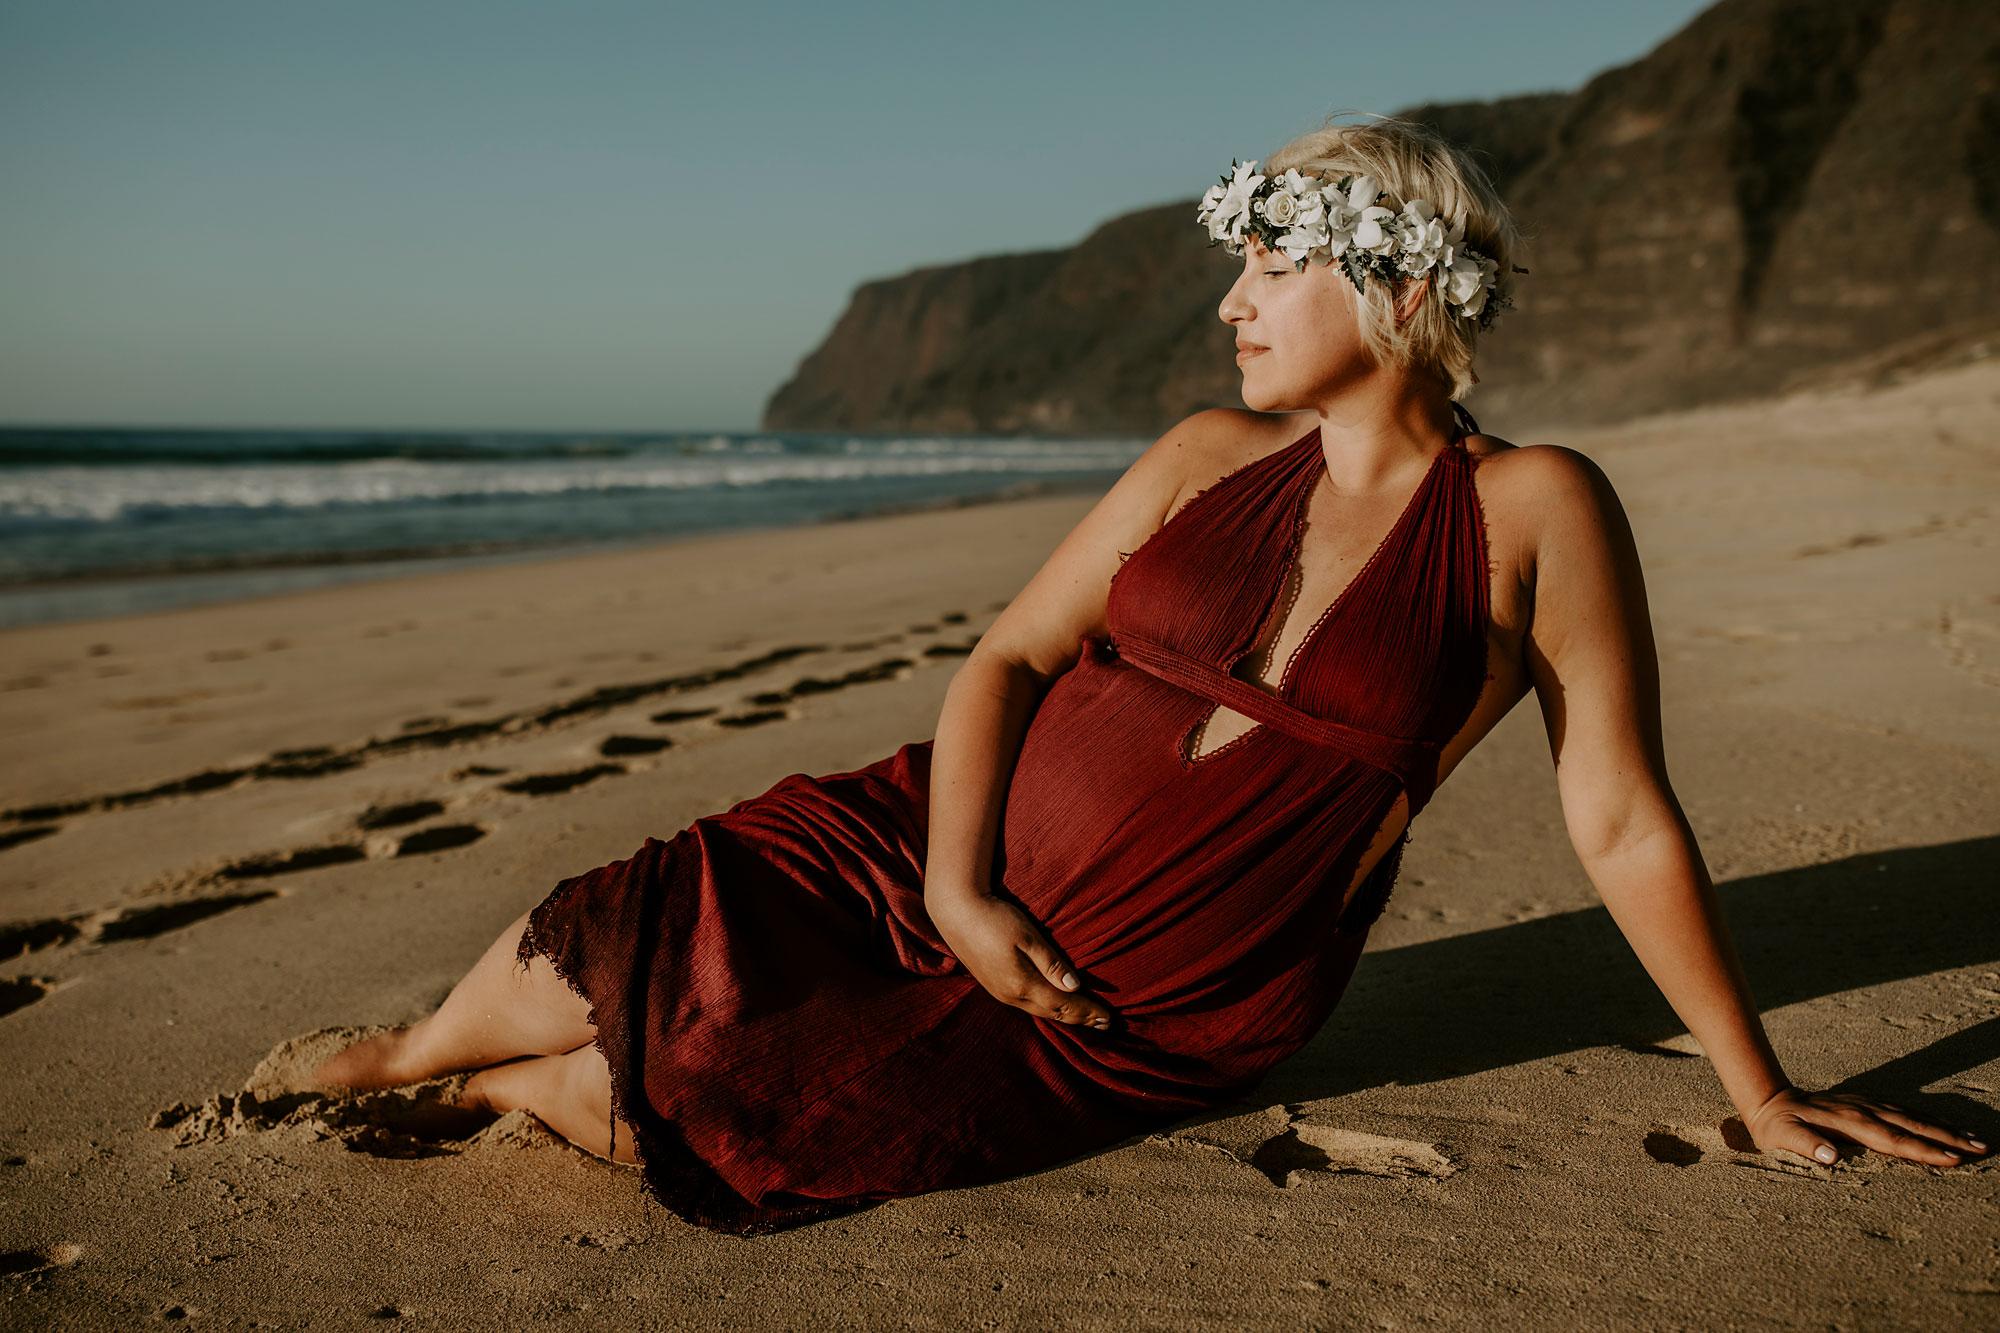 Kauai-Maternity-Photographer-04.jpg